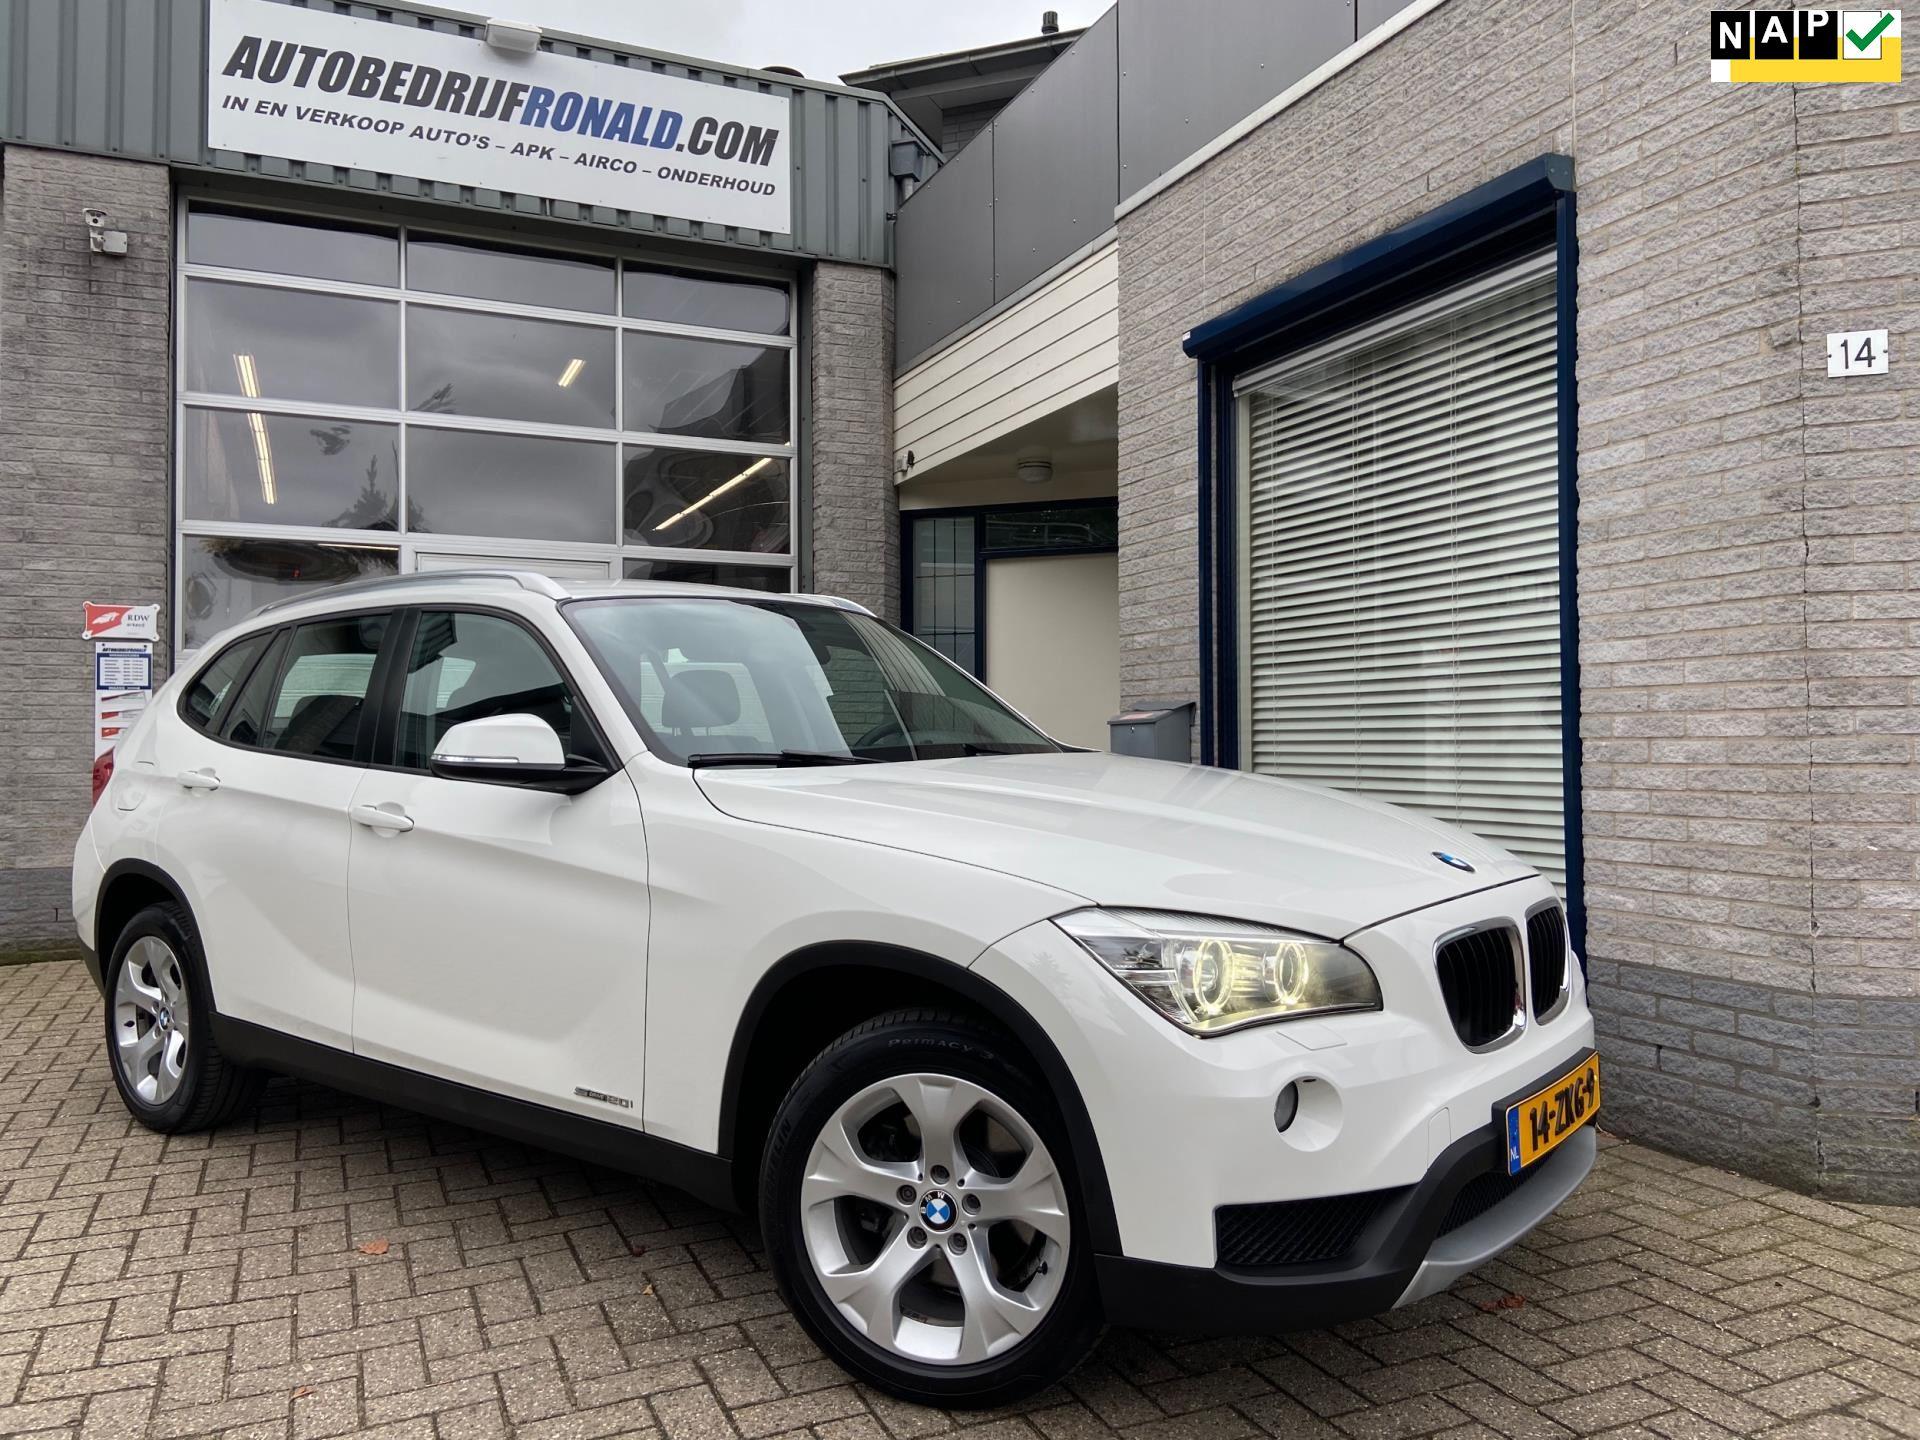 BMW X1 occasion - Autobedrijf Ronald